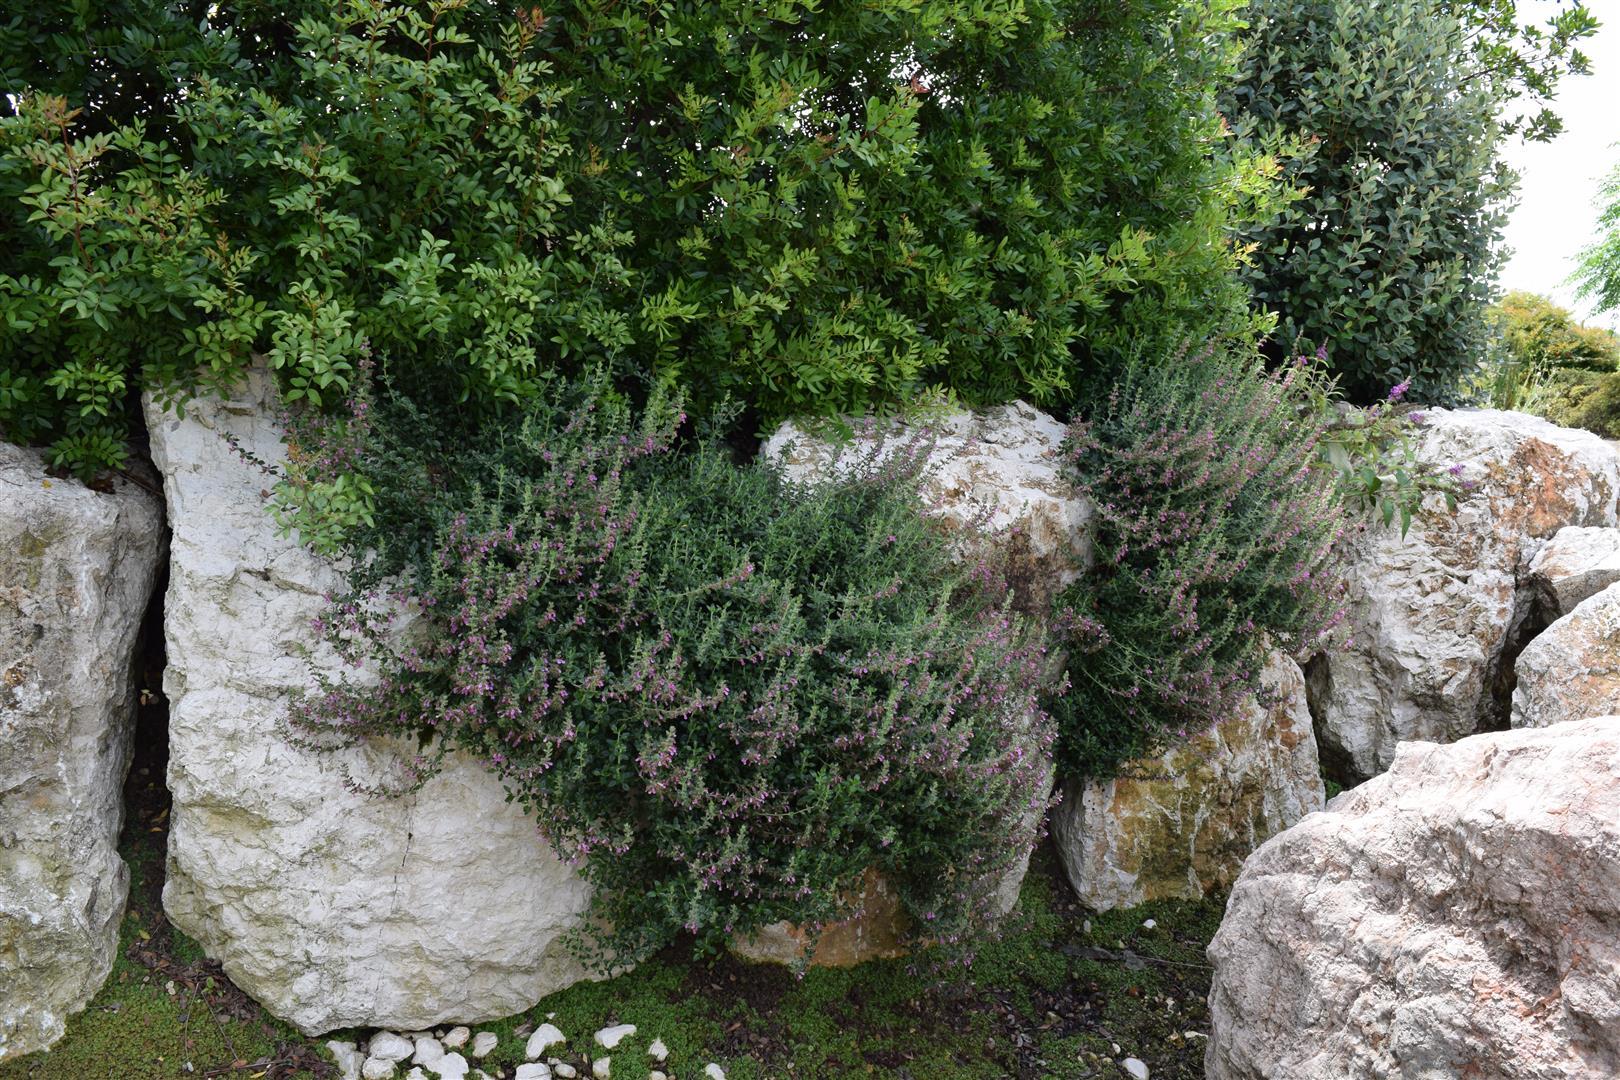 Sassi rocce per usi vari - Rocce per giardino ...